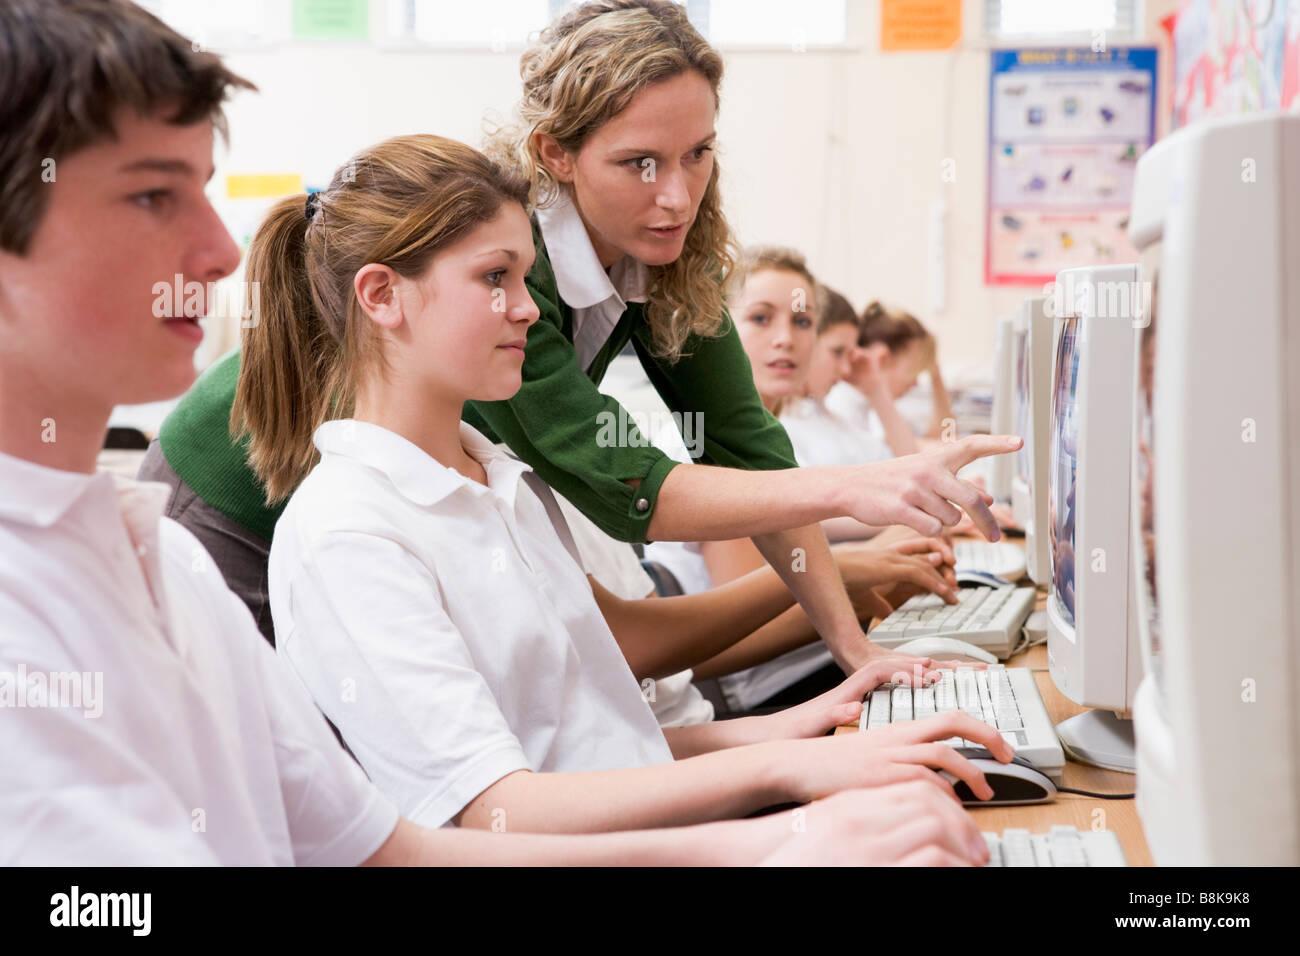 Les étudiants travaillant sur des postes de travail avec l'enseignant Banque D'Images